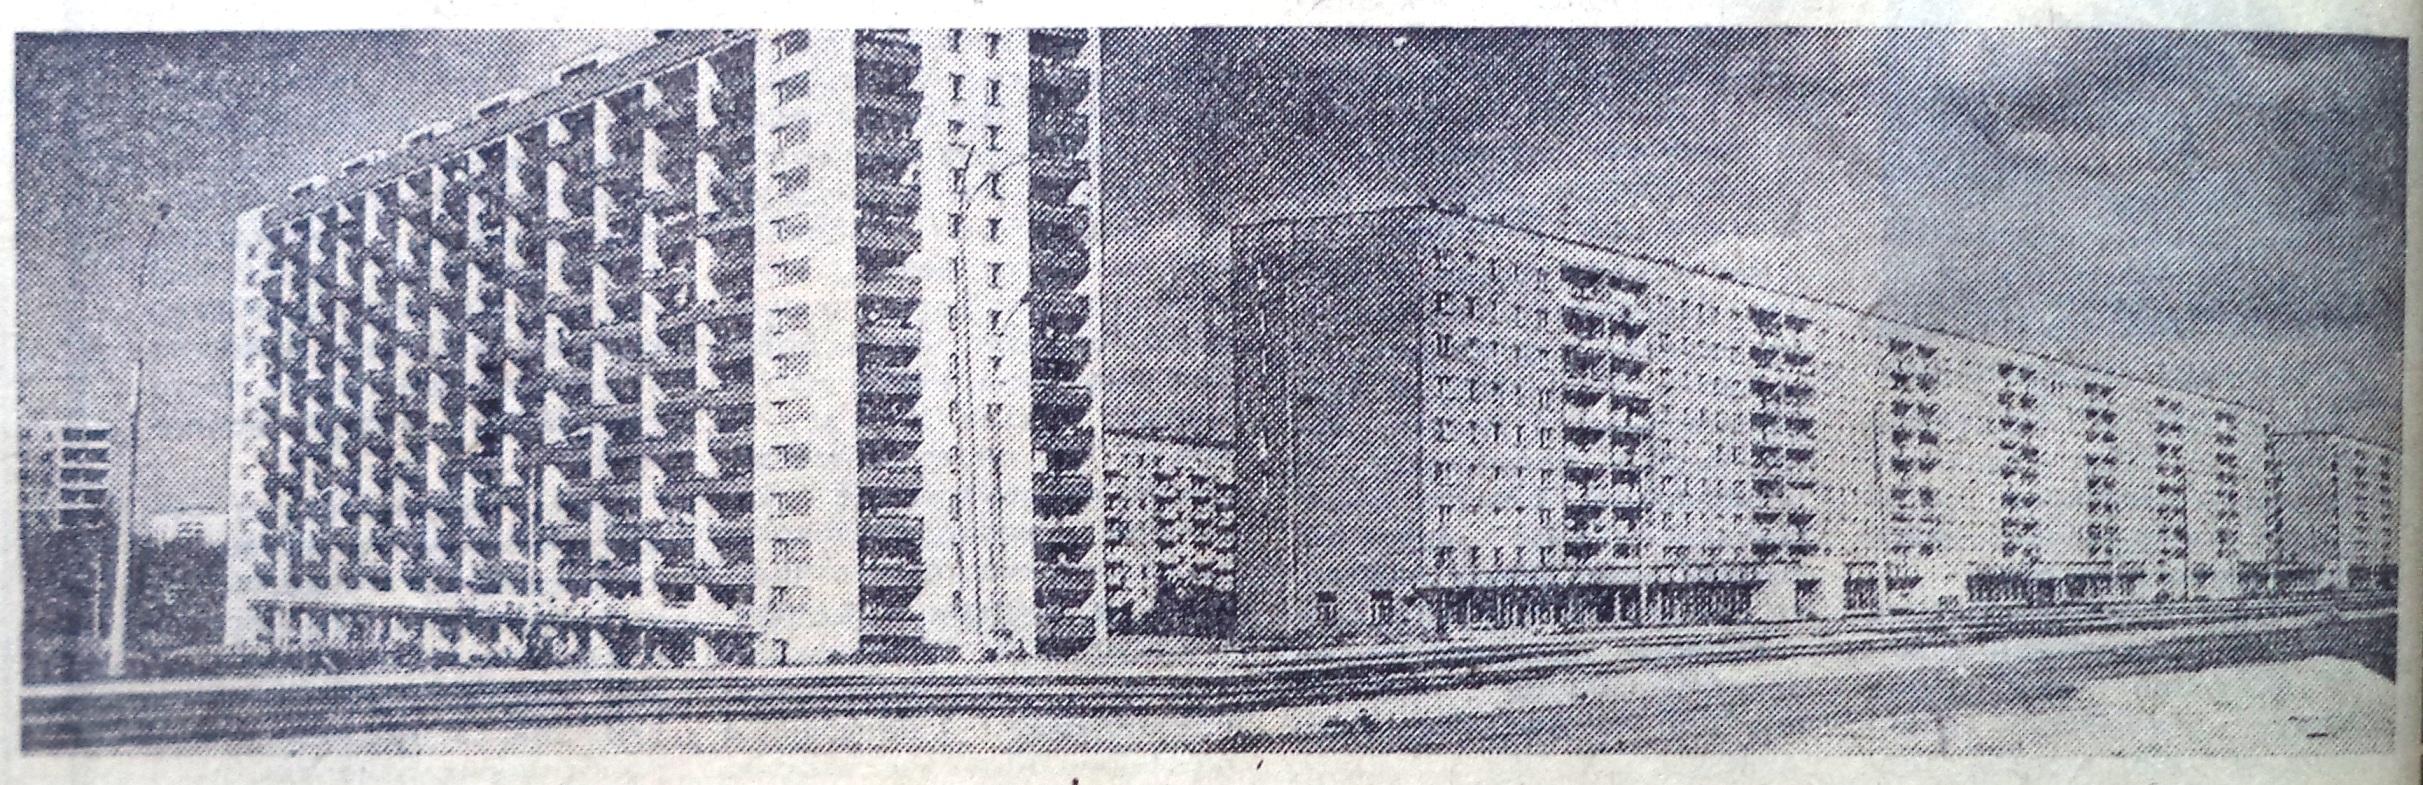 ФОТО-23-Ленина-ВЗя-1980-10-27-фото Мелодии